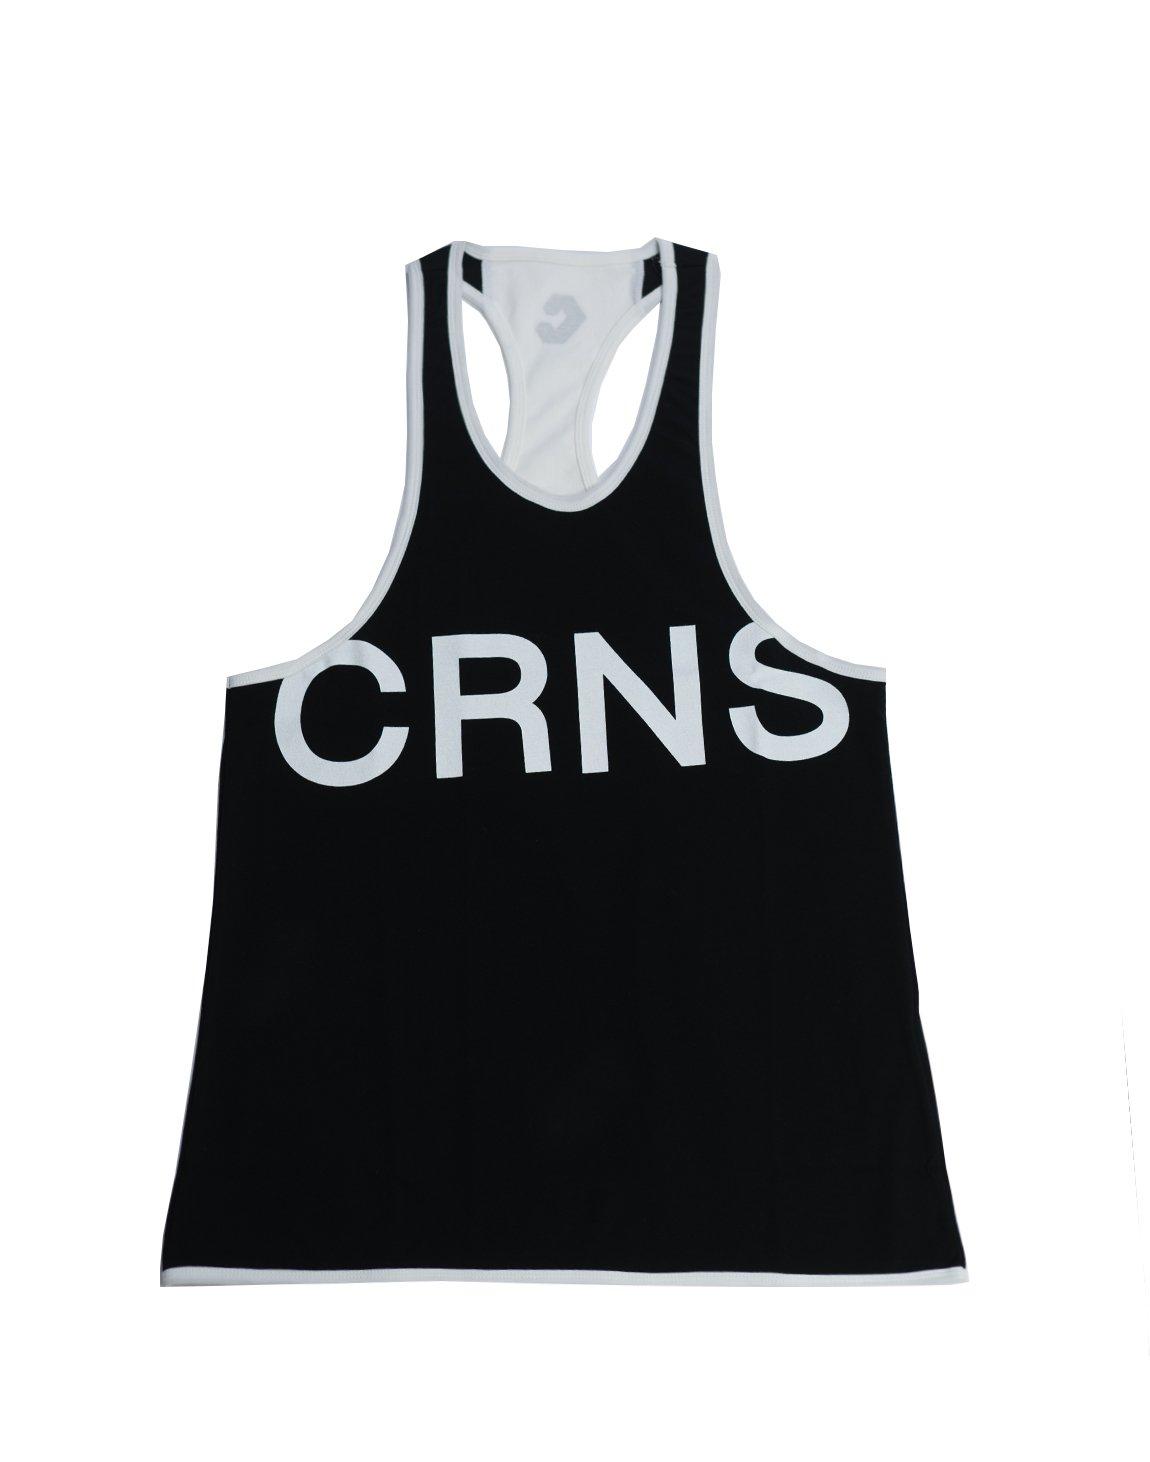 CRNS NEW BIG FONT LOGO TANK TOP 【BLACK】